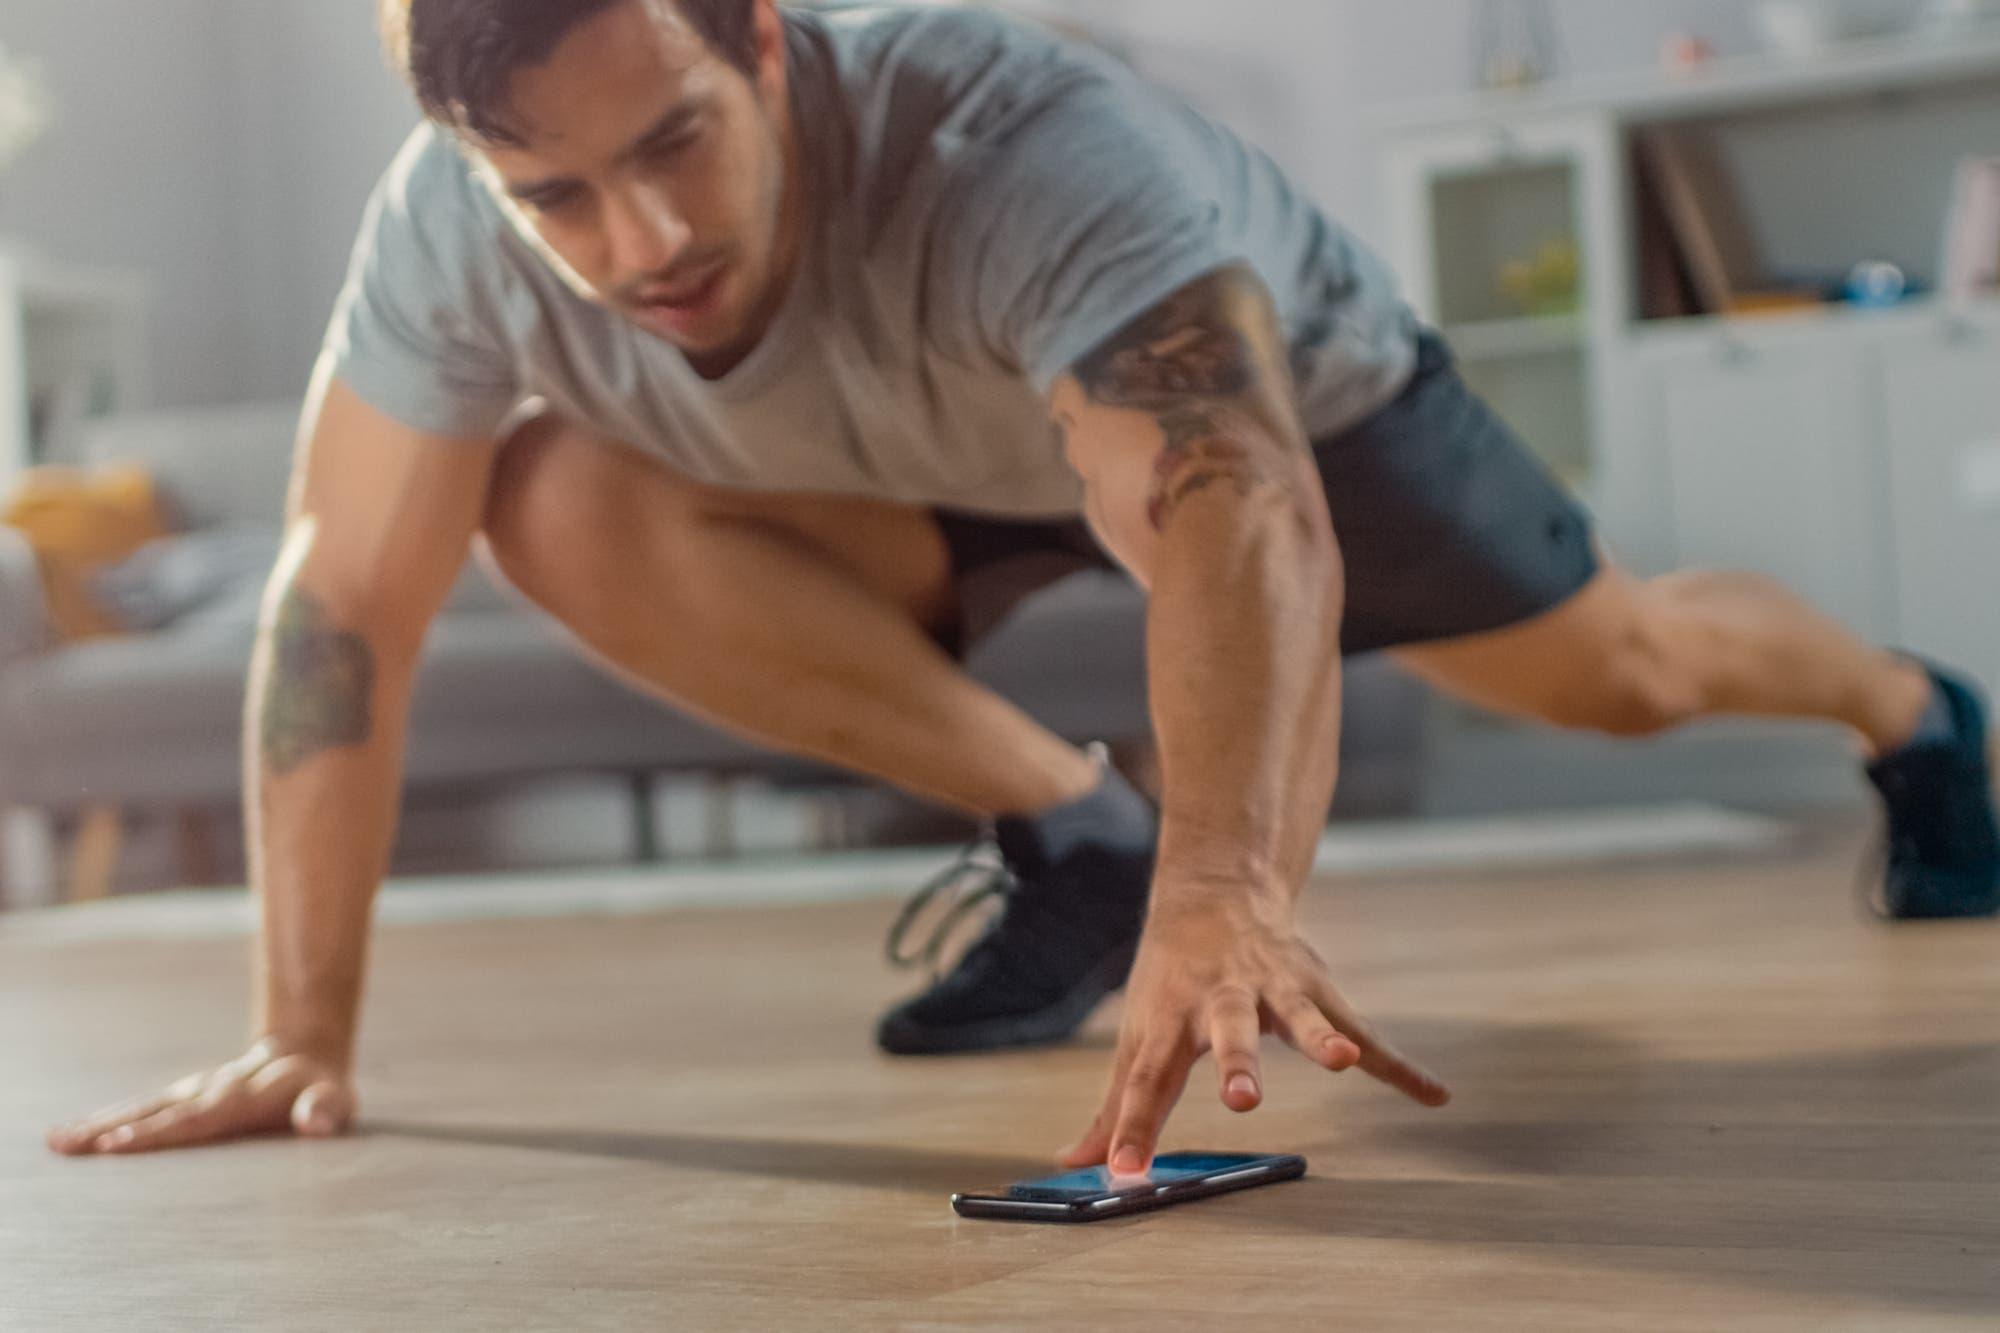 Aplicaciones para hacer deporte en casa durante la cuarentena si sos principiante